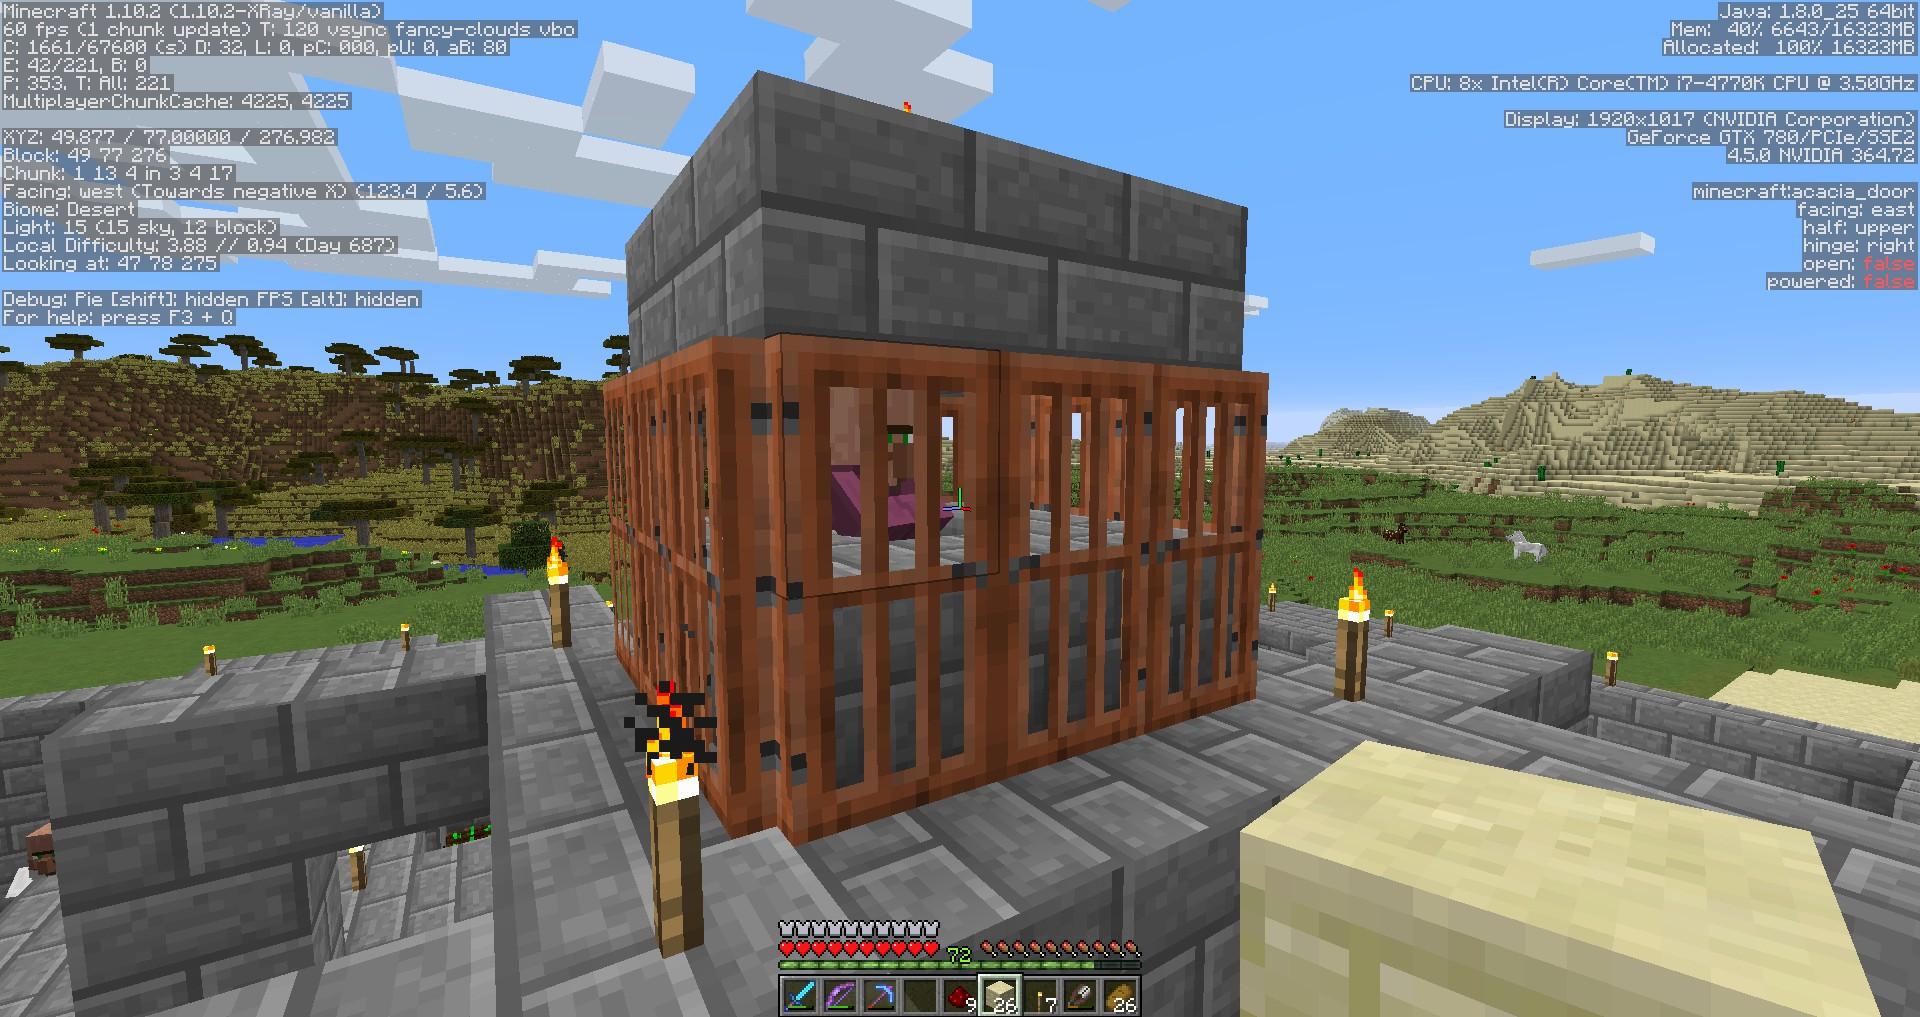 Villager trading system minecraft